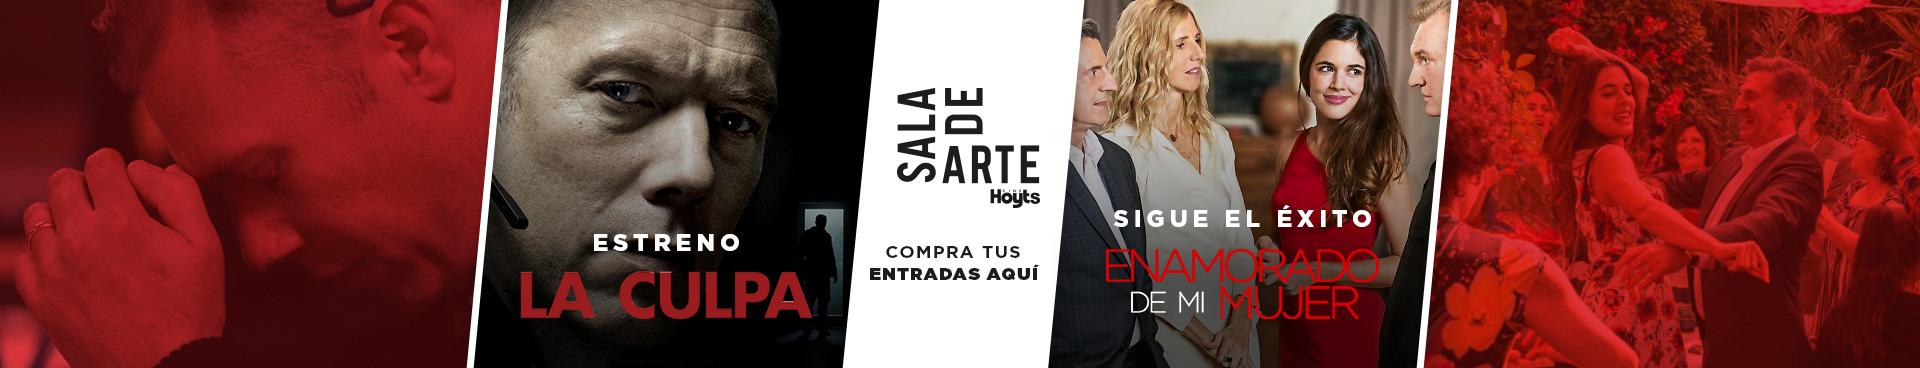 SALA DE ARTE: ESTRENO LA CULPA // SIGUE EL ÉXITO: ENEMORADO DE MI MUJER